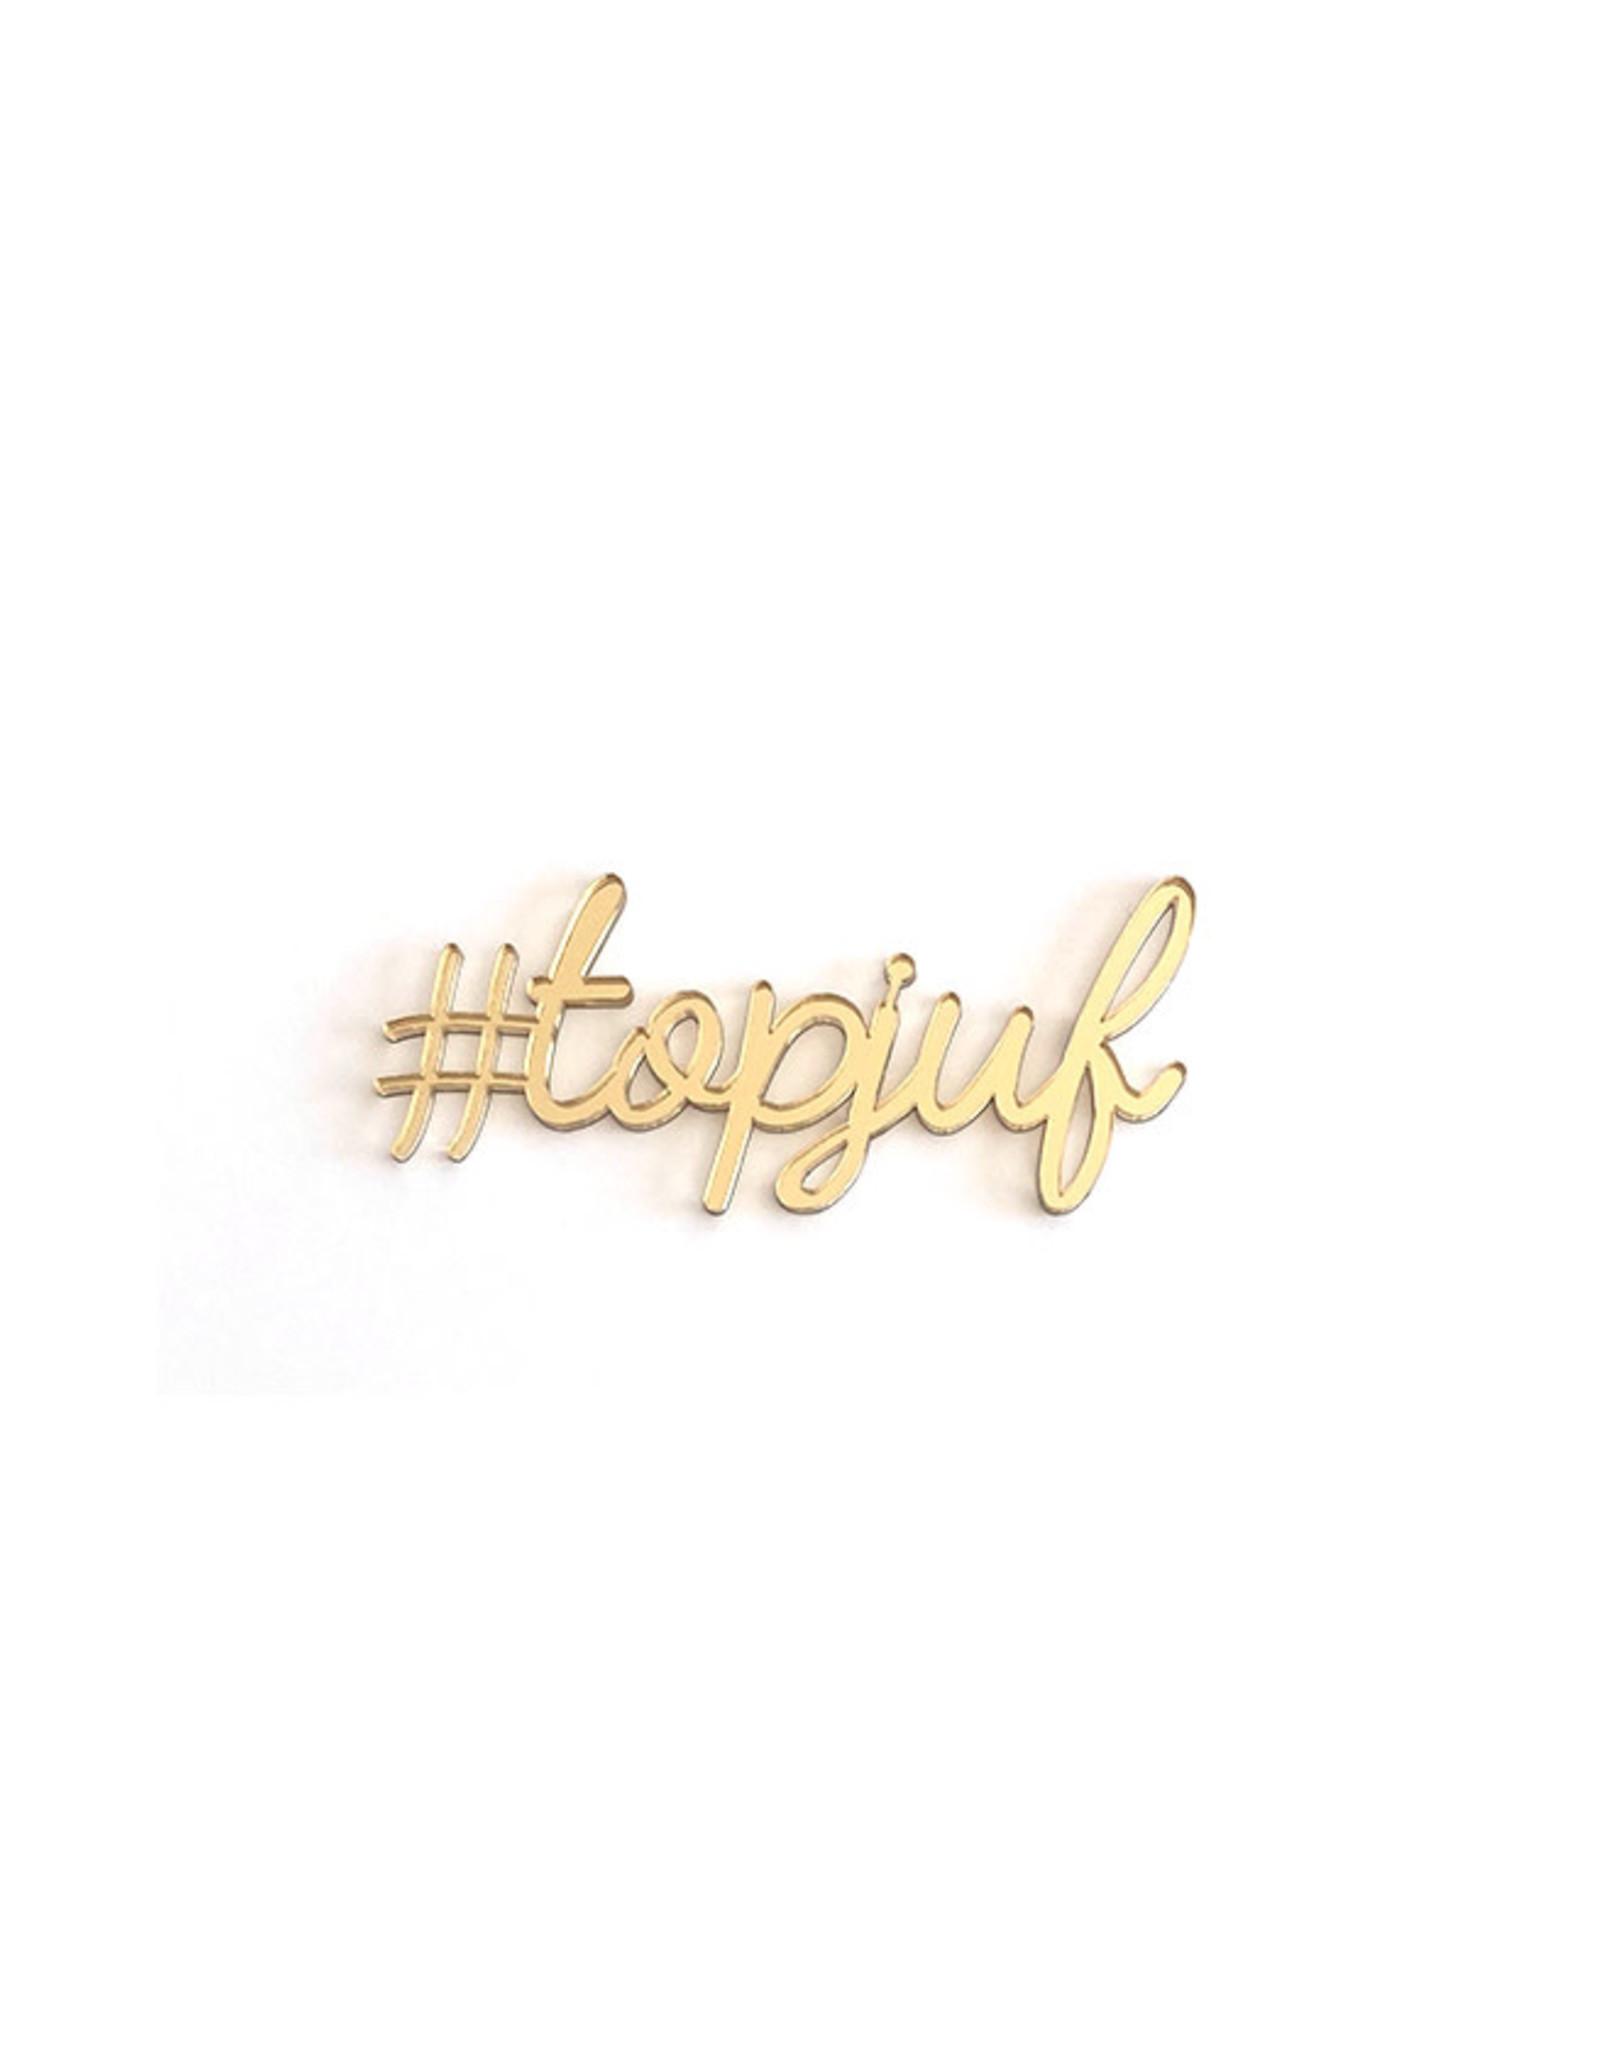 Goegezegd Quote #topjuf-gold